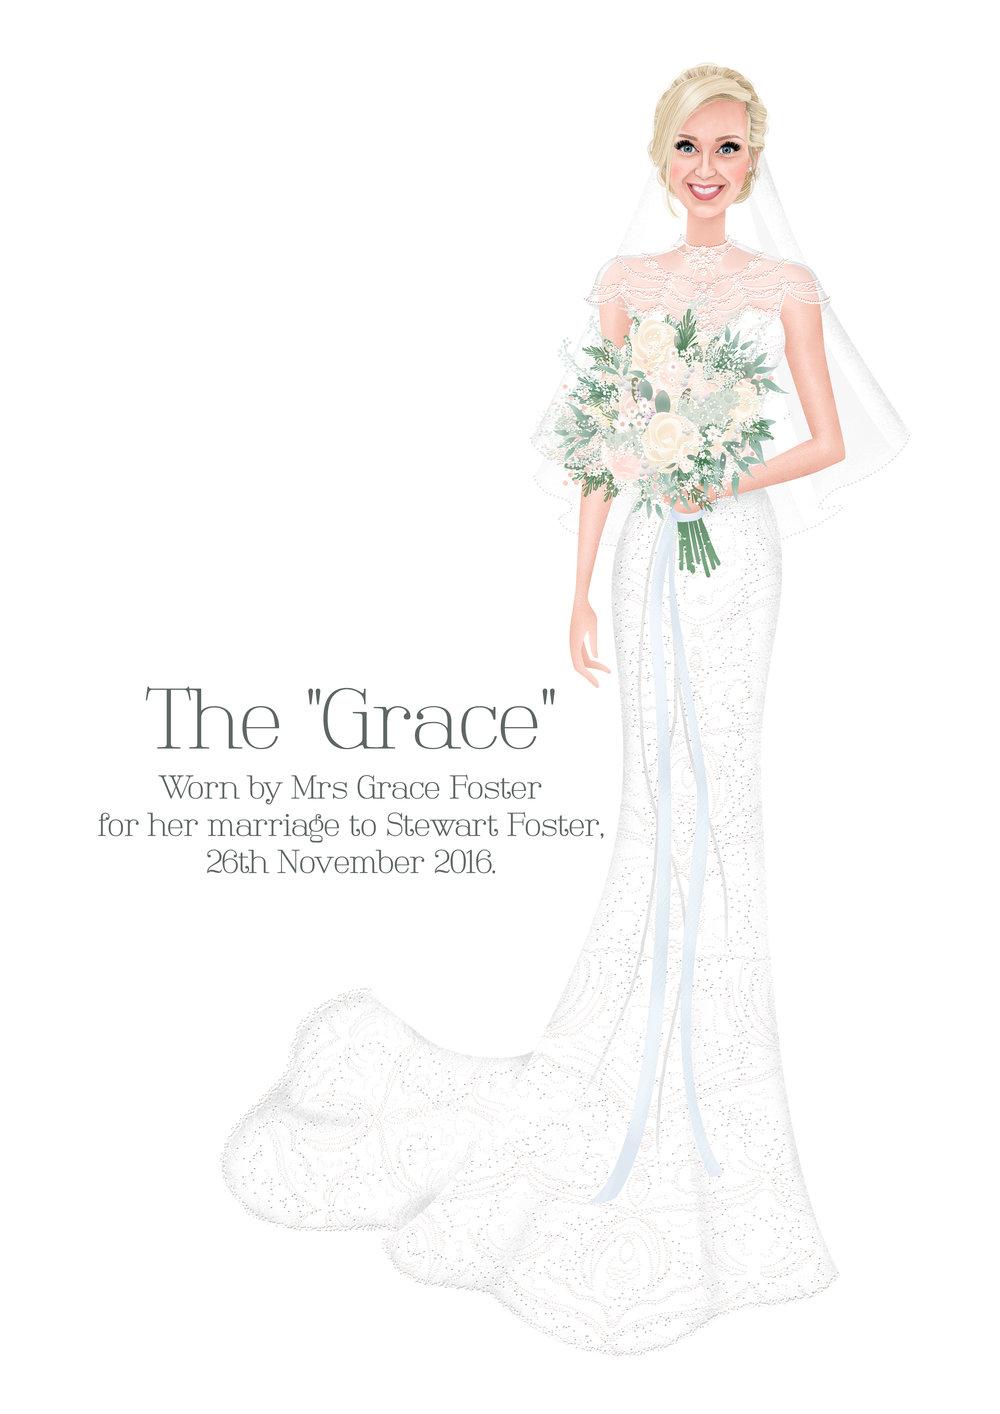 Stewart Foster - Bride Portrait - The Grace - A3.jpg